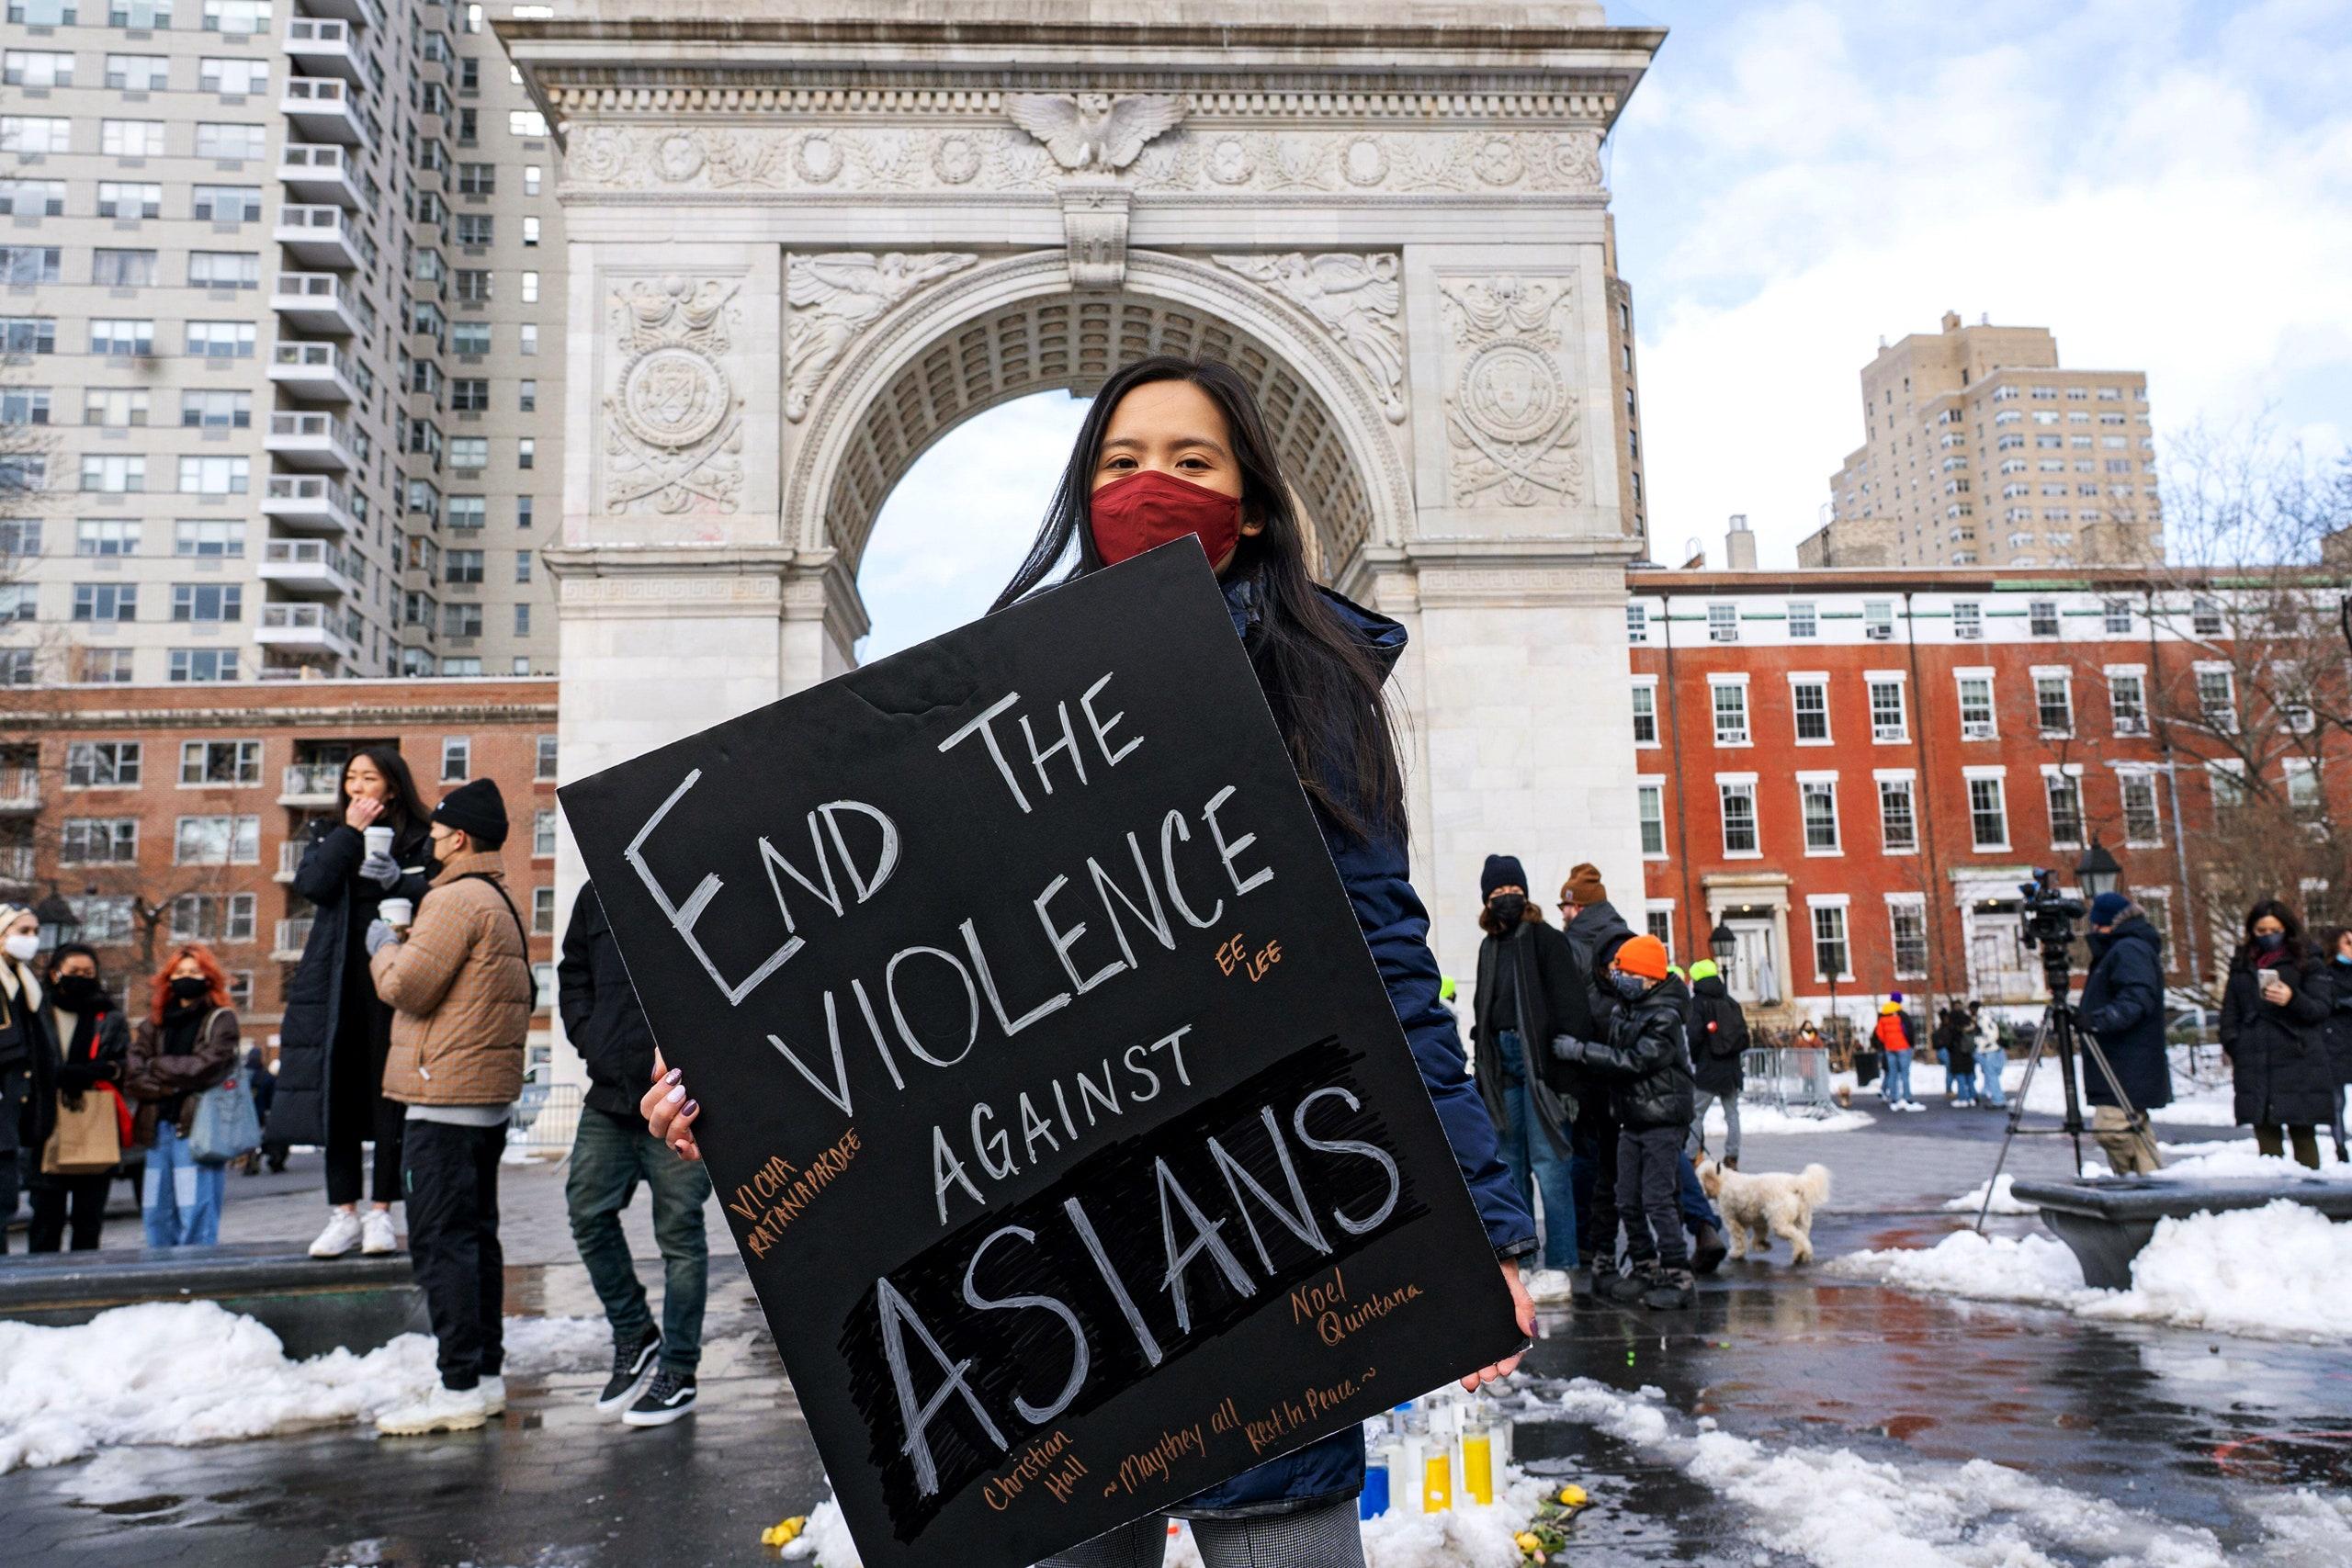 过去一年内,反亚裔仇恨犯罪在美国主要城市激增150%